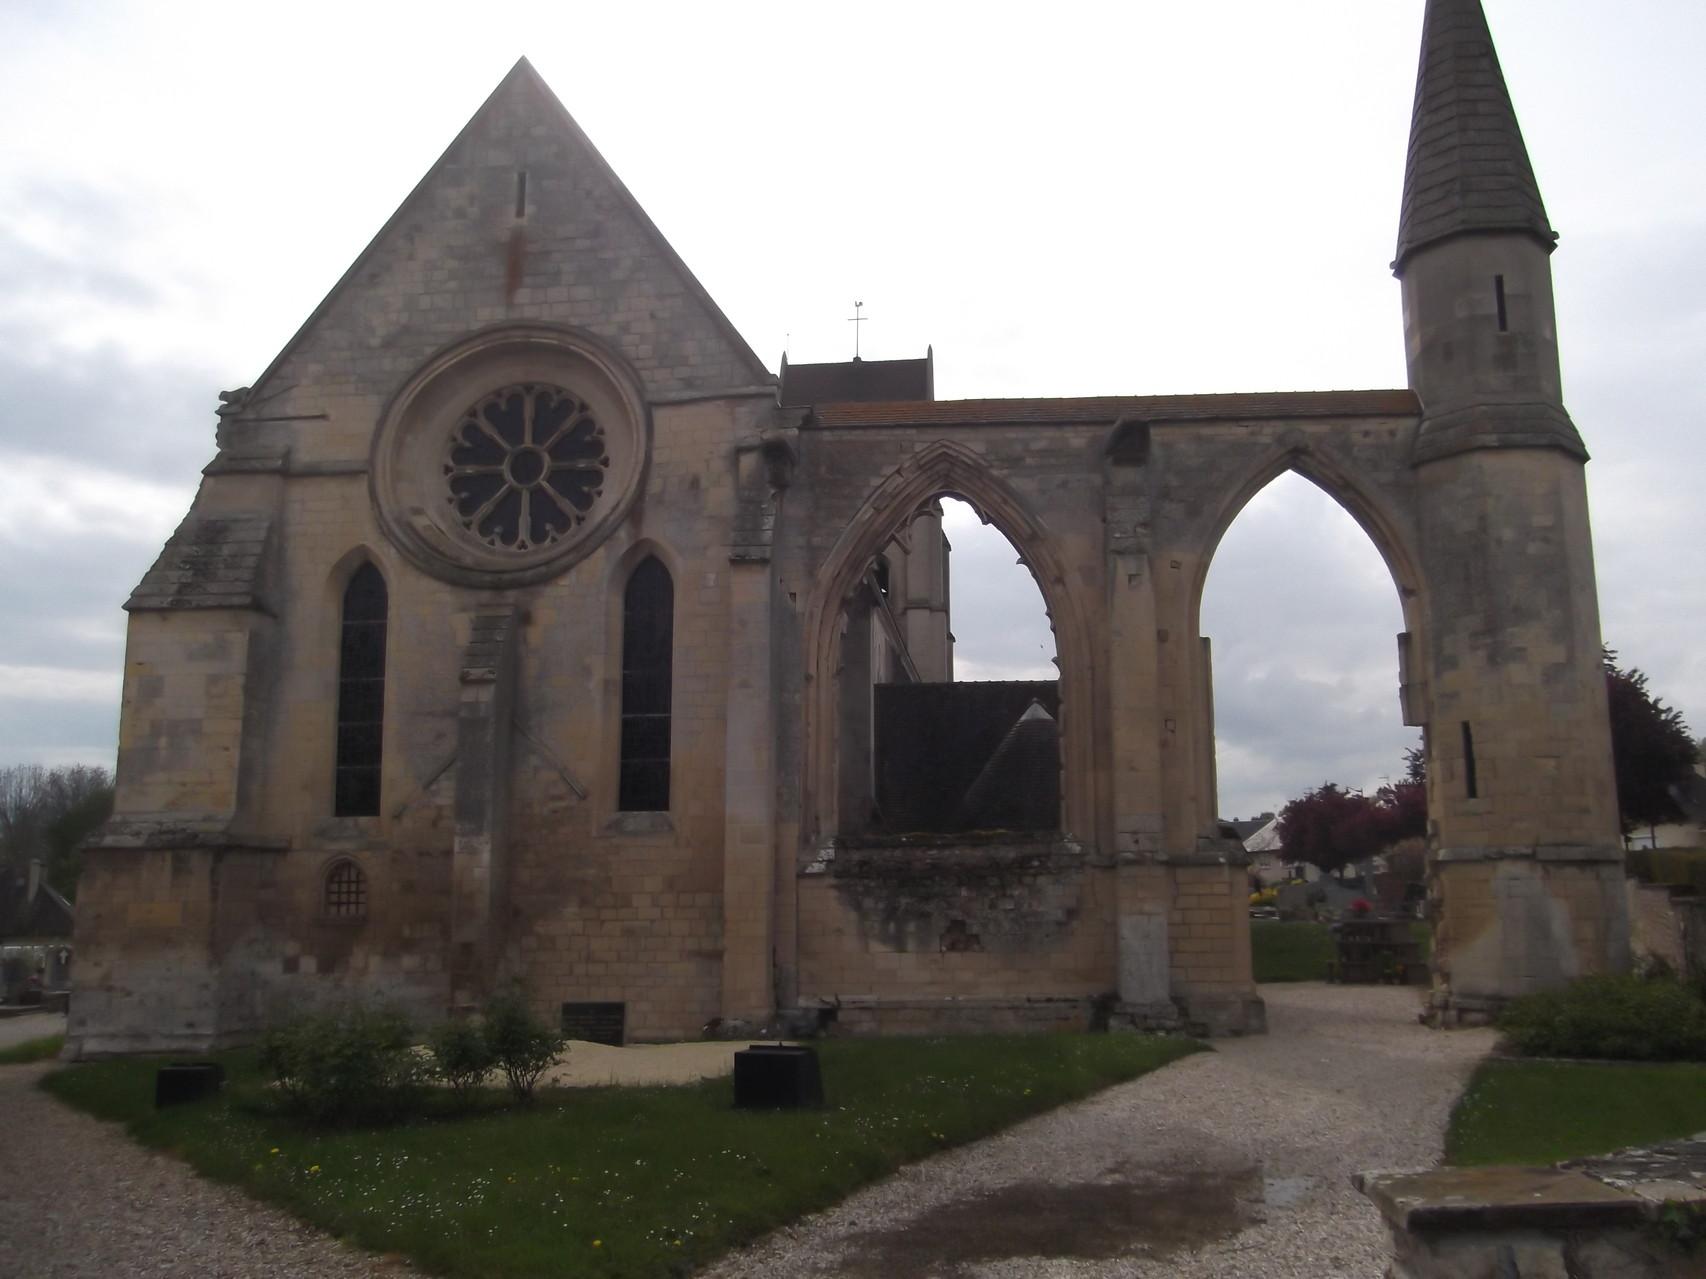 L'Eglise d'EVRECY